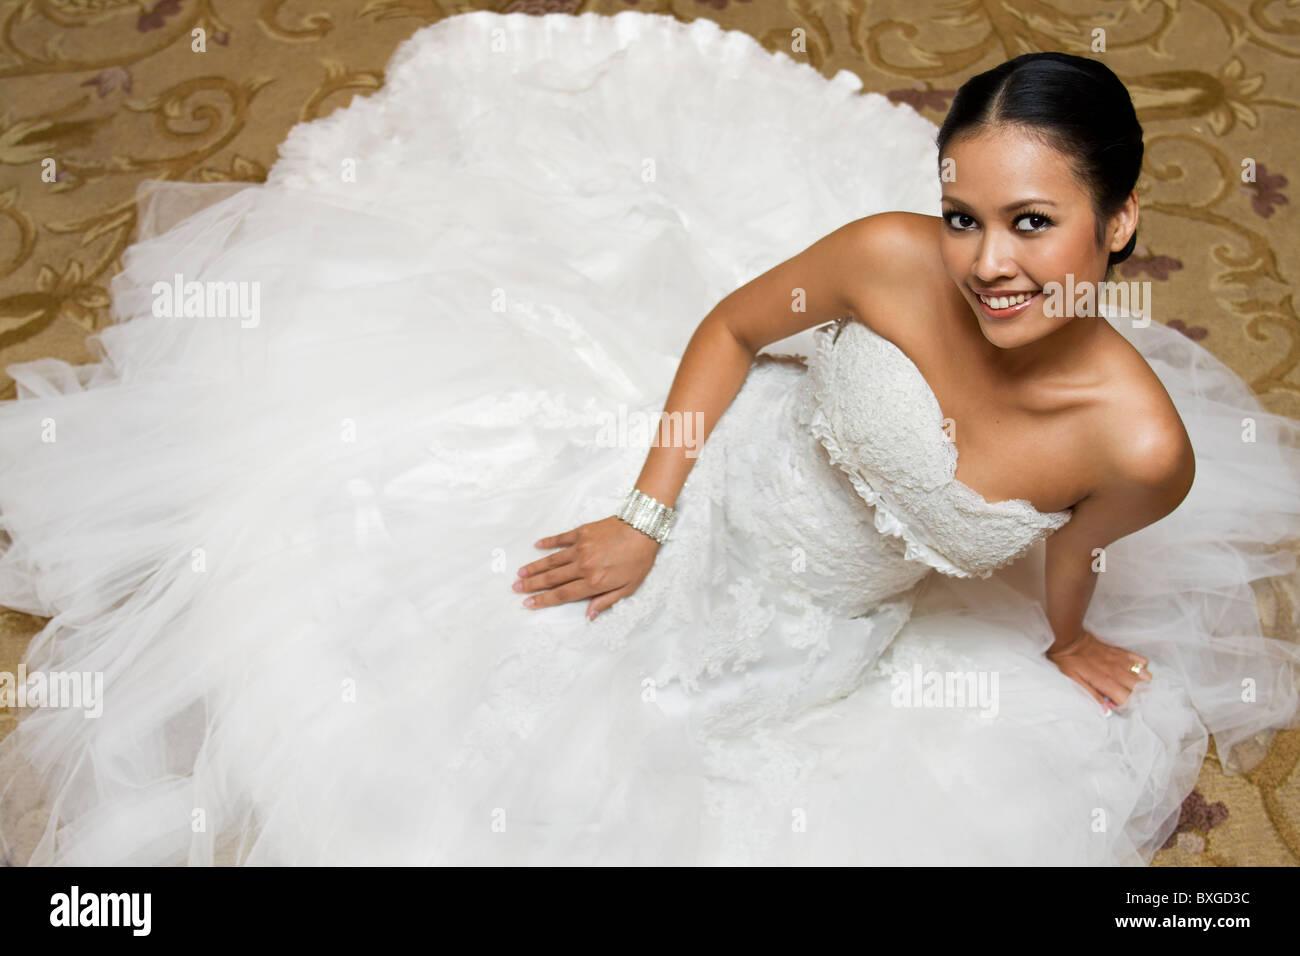 https://c8.alamy.com/comp/BXGD3C/beautiful-thai-bride-BXGD3C.jpg